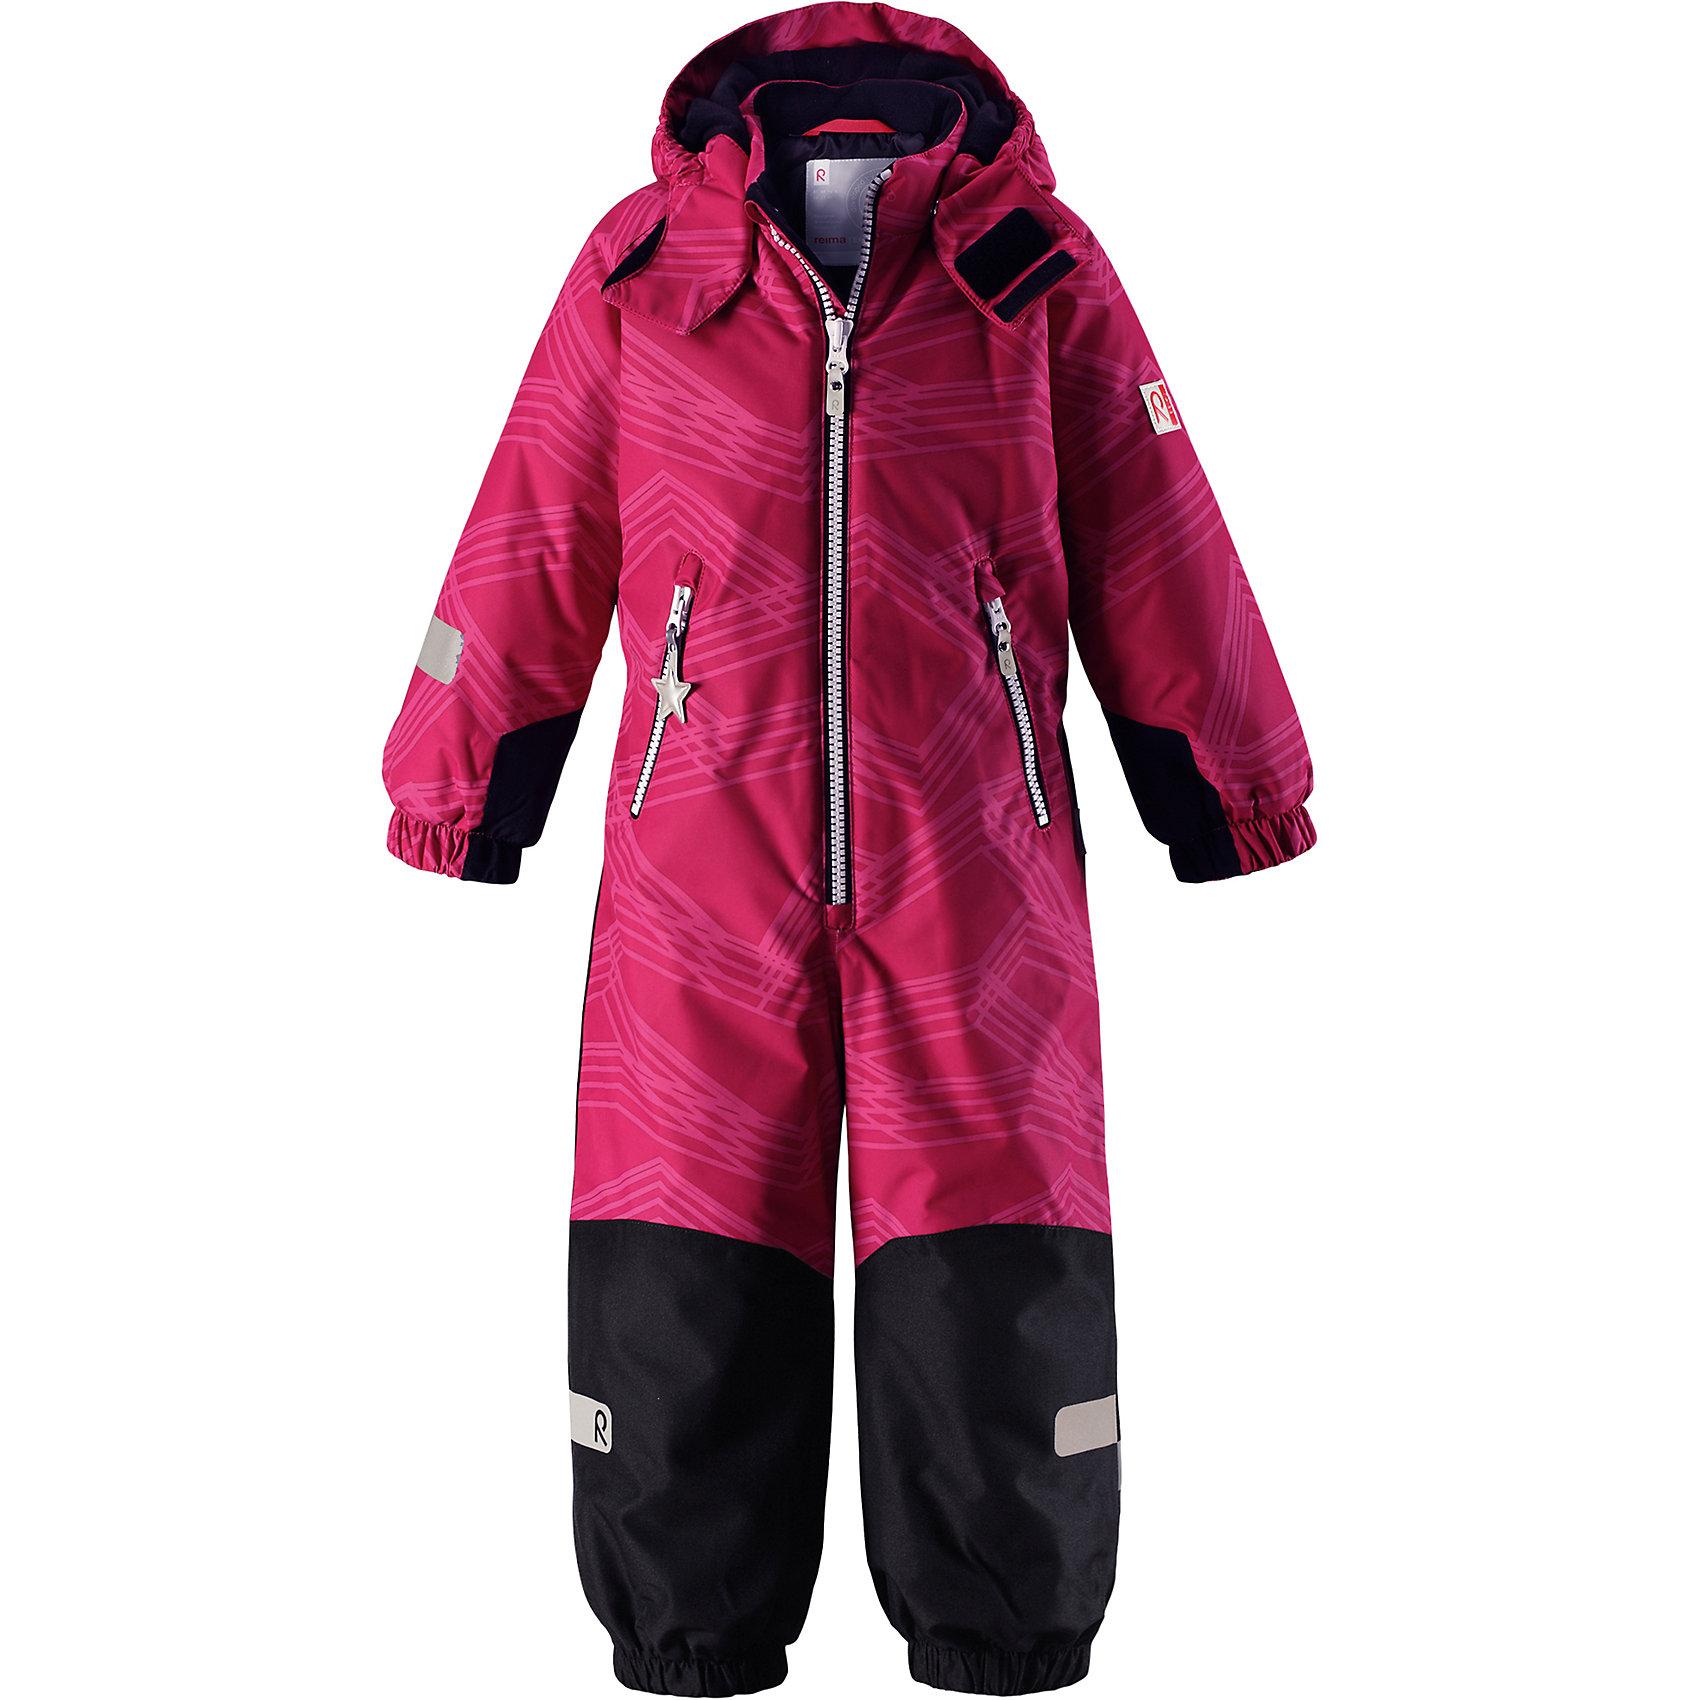 Комбинезон Reimatec® Reima SnowyВерхняя одежда<br>Характеристики товара:<br><br>• цвет: розовый;<br>• состав: 100% полиэстер;<br>• подкладка: 100% полиэстер;<br>• утеплитель: 160 г/м2<br>• температурный режим: от 0 до -20С;<br>• сезон: зима; <br>• водонепроницаемость: 8000/10000 мм;<br>• воздухопроницаемость: 7000/5000 мм;<br>• износостойкость: 30000/50000 циклов (тест Мартиндейла);<br>• водо- и ветронепроницаемый, дышащий и грязеотталкивающий материал;<br>• все швы проклеены и водонепроницаемы;<br>• прочные усиленные вставки внизу, на коленях и снизу на ногах;<br>• гладкая подкладка из полиэстера;<br>• мягкая резинка на кромке капюшона и манжетах;<br>• застежка: молния с защитой подбородка;<br>• безопасный съемный капюшон на кнопках;<br>• внутренняя регулировка обхвата талии;<br>• прочные съемные силиконовые штрипки;<br>• два кармана на молнии;<br>• светоотражающие детали;<br>• страна бренда: Финляндия;<br>• страна изготовитель: Китай.<br><br>Зимний комбинезон на молнии изготовлен из водо и ветронепроницаемого материала с водо и грязеотталкивающей поверхностью. Все швы проклеены, водонепроницаемы. Комбинезон снабжен прочными усилениями на задней части, коленях и концах брючин. В этом комбинезоне прямого кроя талия при необходимости легко регулируется, что позволяет подогнать комбинезон точно по фигуре. <br><br>Съемный капюшон защищает от пронизывающего ветра, а еще он безопасен во время игр на свежем воздухе. Кнопки легко отстегиваются, если капюшон случайно за что-нибудь зацепится. Силиконовые штрипки не дают концам брючин задираться, бегай сколько хочешь! Образ довершают мягкая резинка по краю капюшона и на манжетах, два кармана на молнии и светоотражающие детали. <br><br>Комбинезон Snowy Reimatec® Reima от финского бренда Reima (Рейма) можно купить в нашем интернет-магазине.<br><br>Ширина мм: 356<br>Глубина мм: 10<br>Высота мм: 245<br>Вес г: 519<br>Цвет: розовый<br>Возраст от месяцев: 48<br>Возраст до месяцев: 60<br>Пол: Унисекс<br>Возраст: Детский<br>Размер: 11